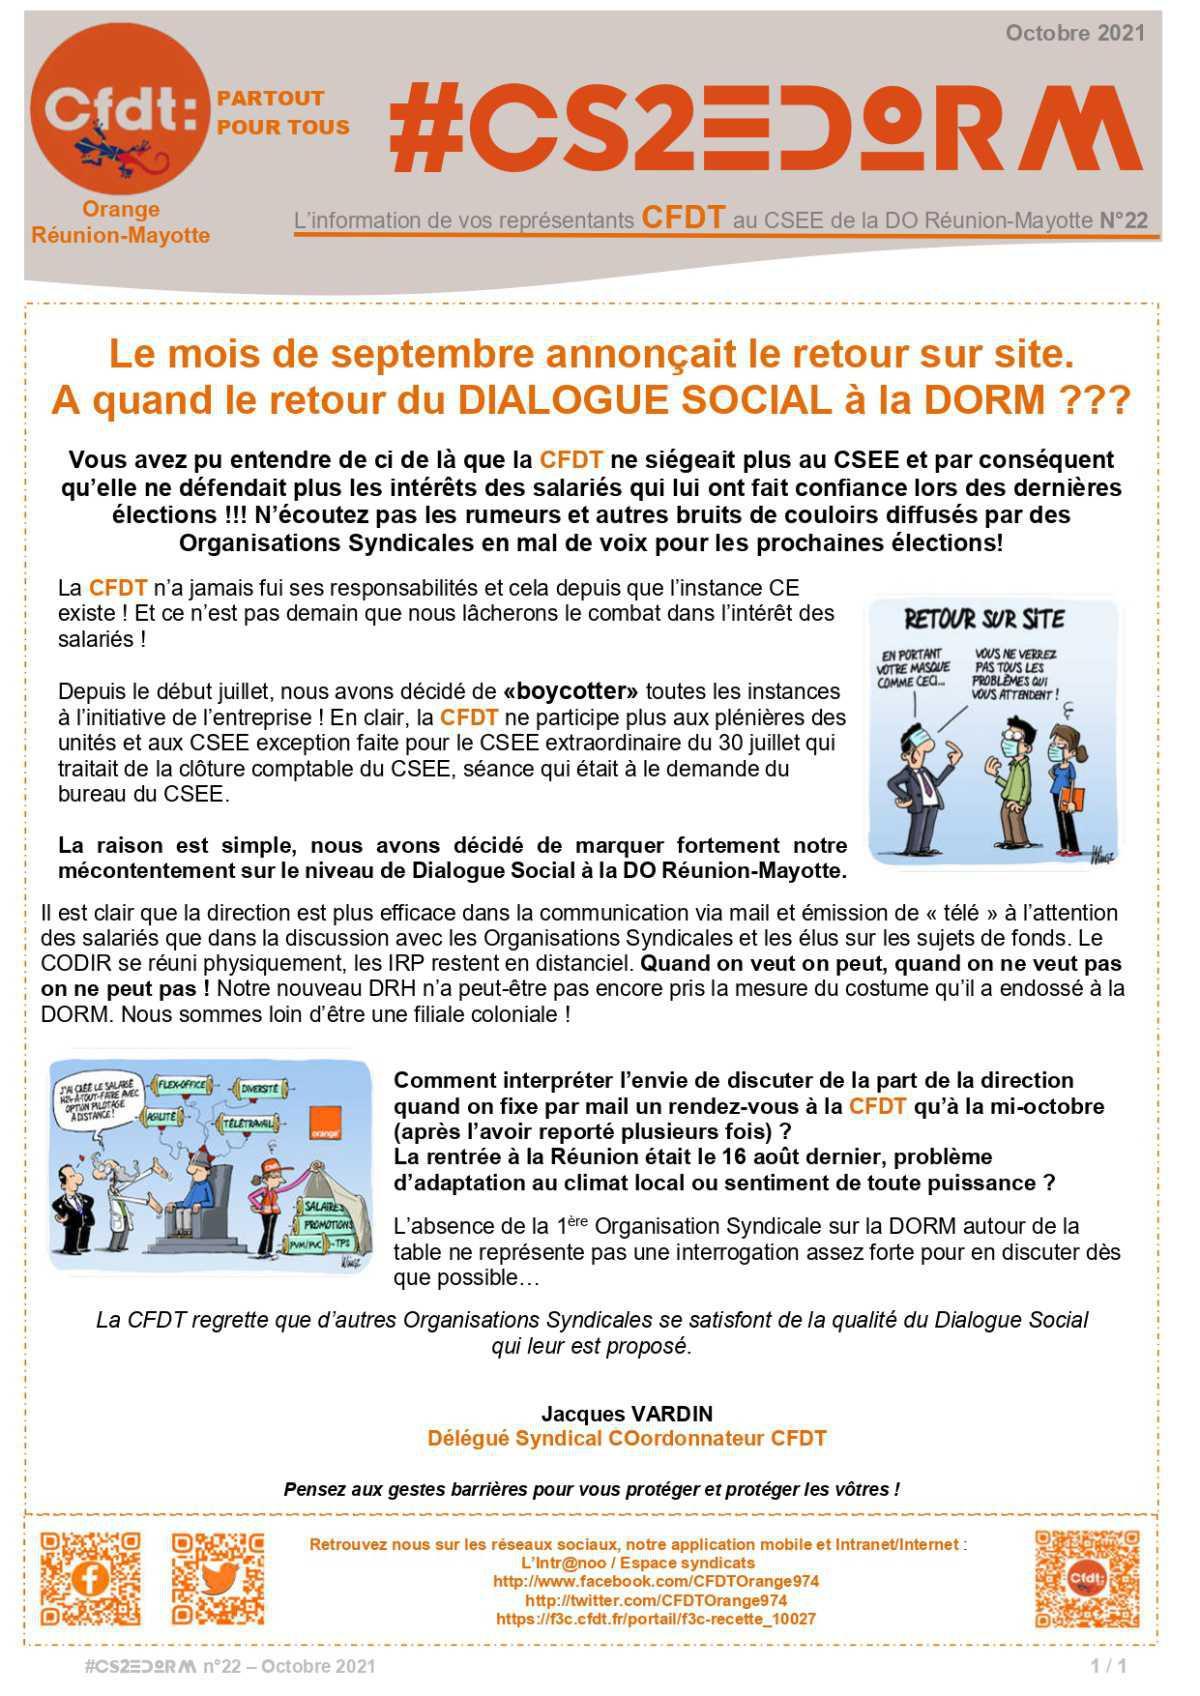 #CS2EDORM n°22 - La CFDT et le Dialogue Social à la DORM